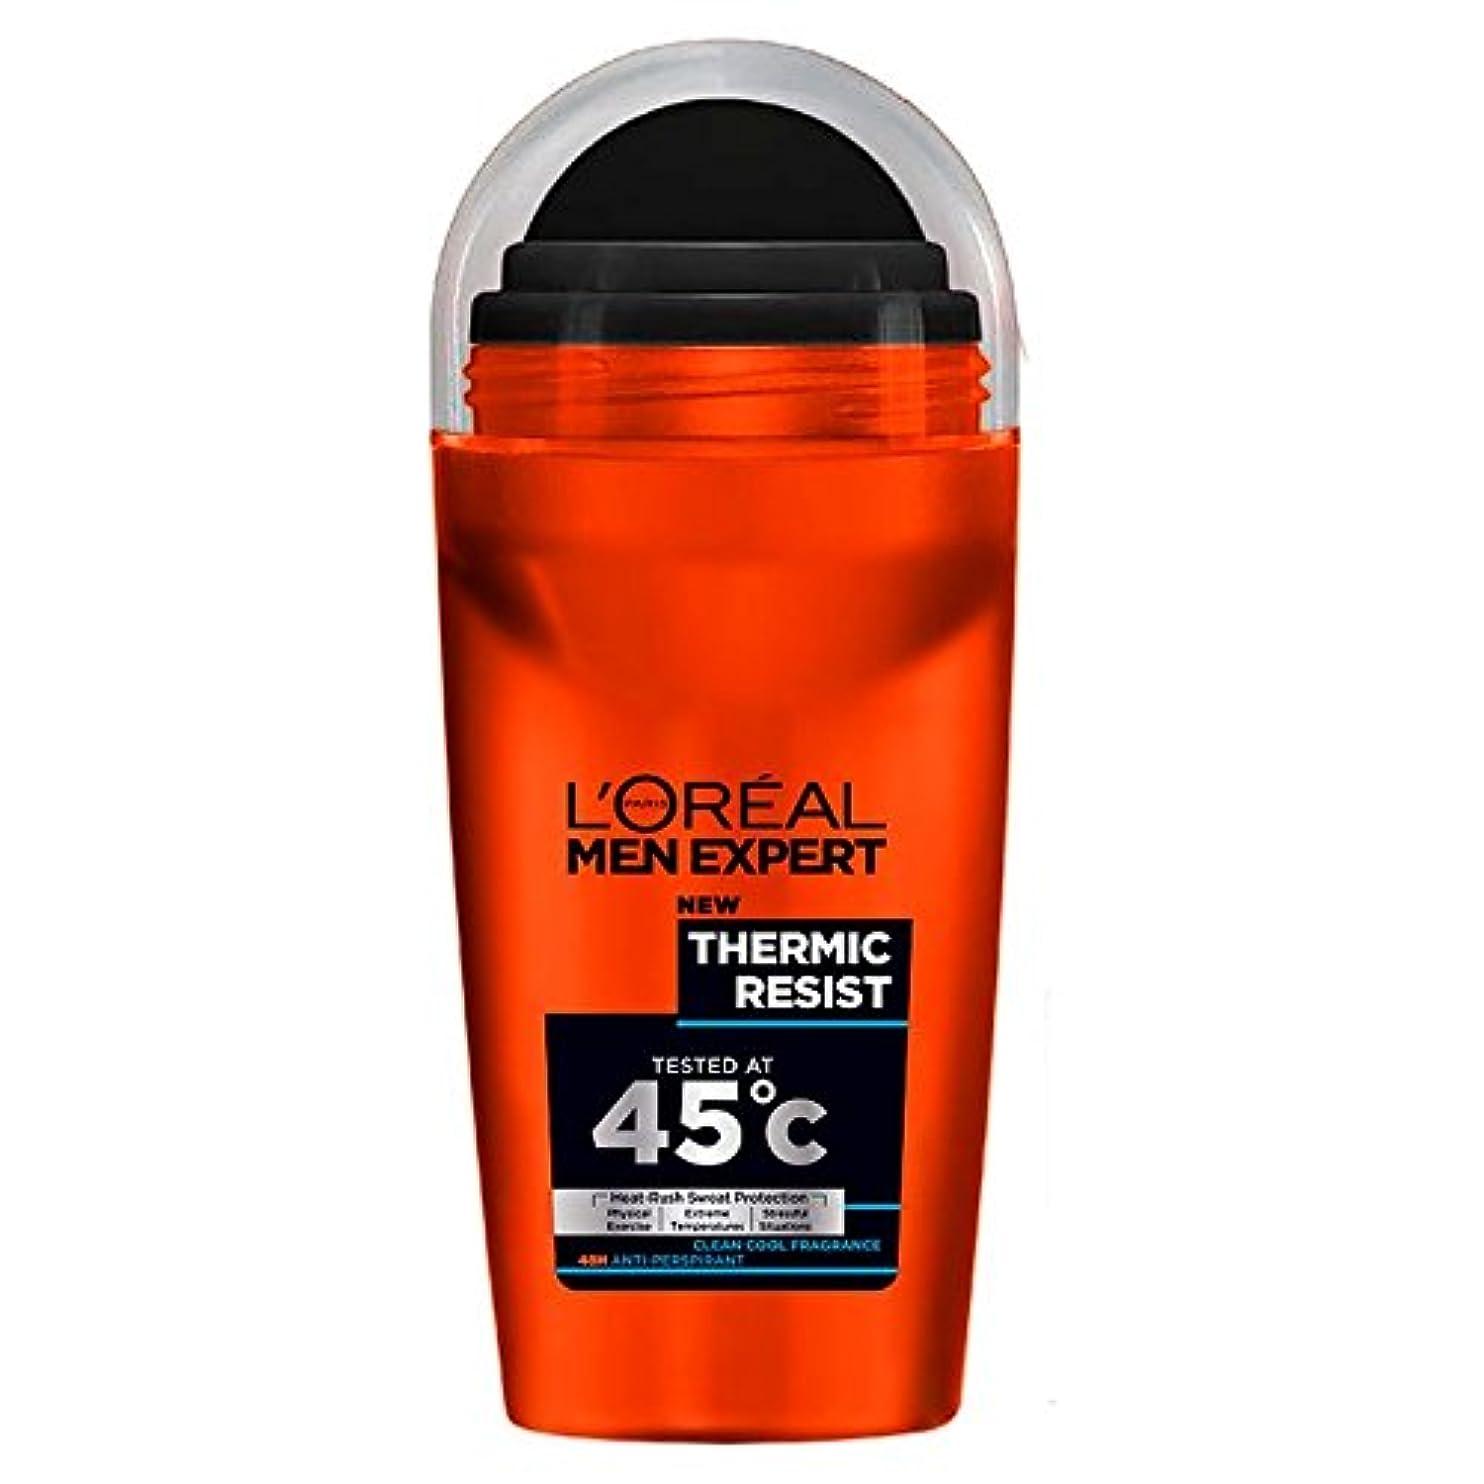 炭素ギャップ水陸両用L'Oreal Paris Men Expert Deodorant Roll-On - Thermic Resist (50ml) L'オラ?アルパリのメンズ専門デオドラントロールオン - サーミックにレジスト( 50...